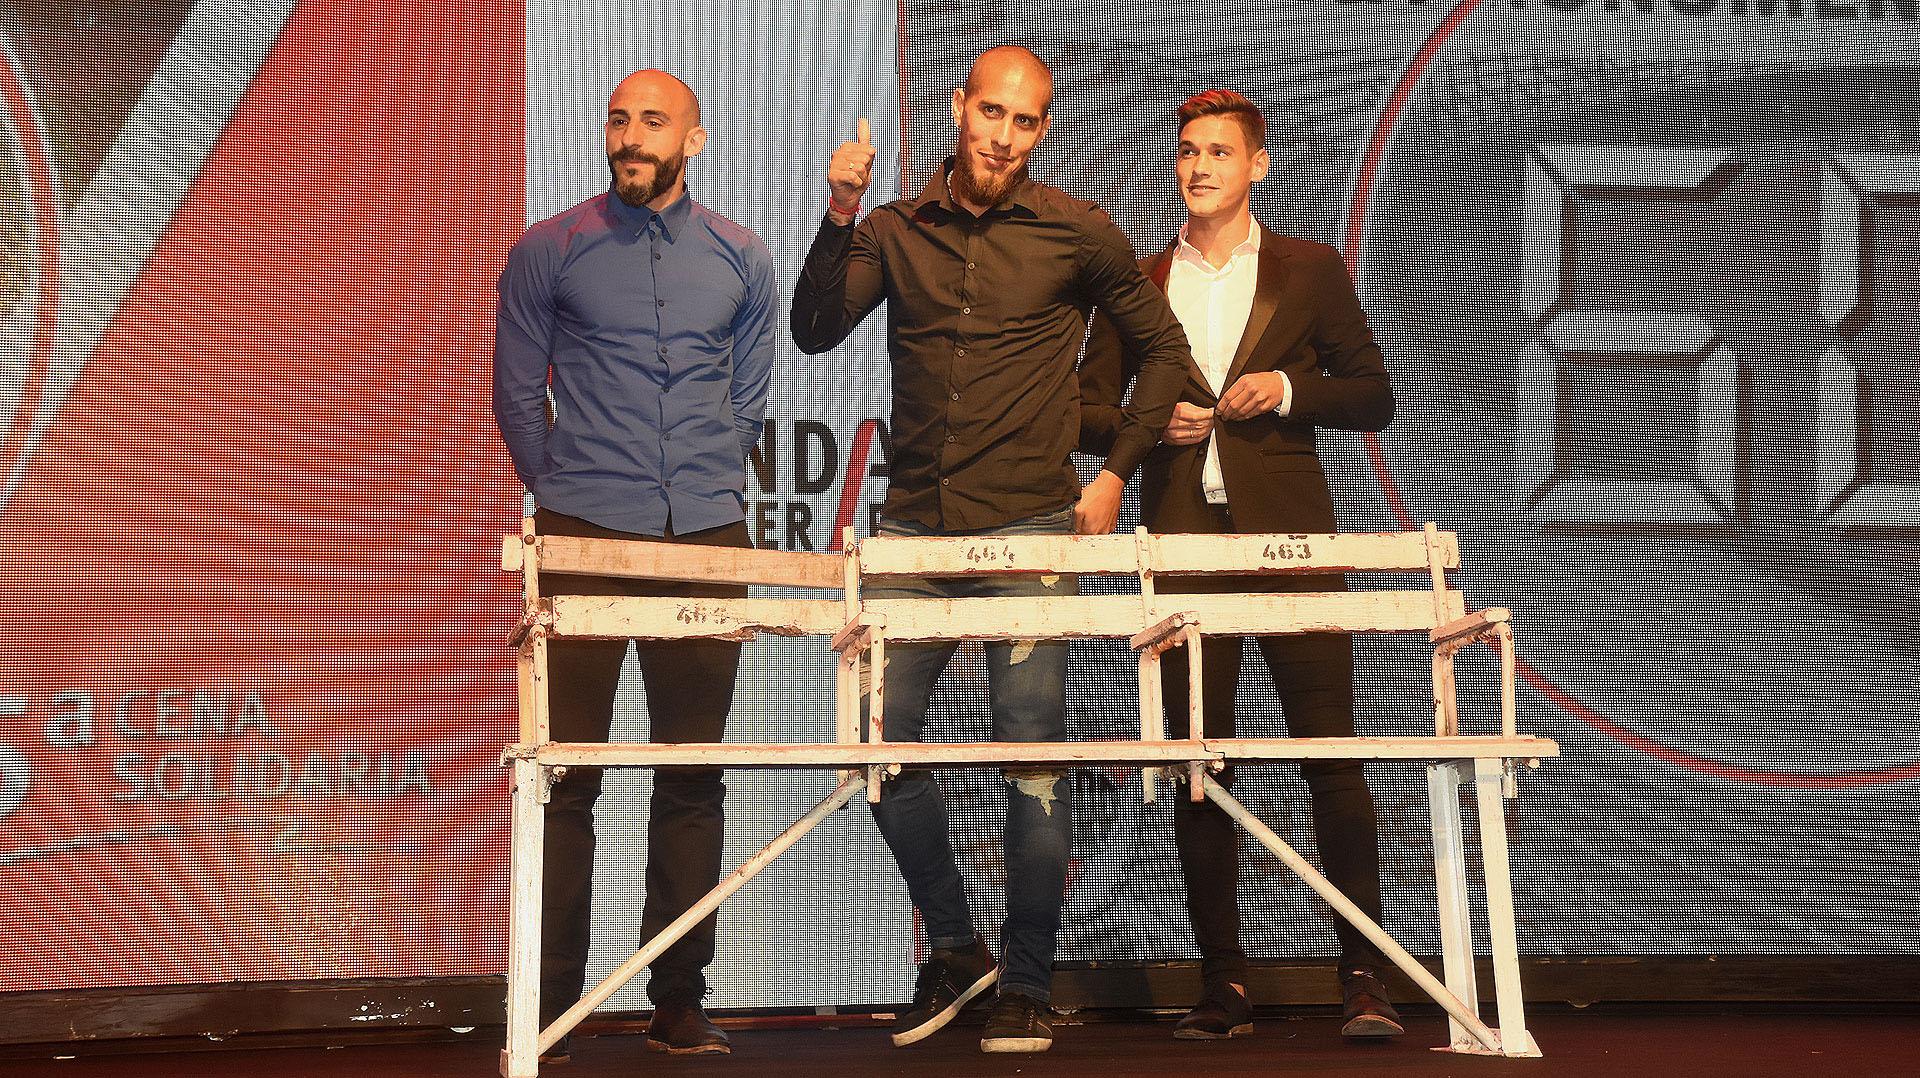 La subasta de una butaca del Monumental con la presencia de Javier Pinola, Lucas Martínez Quarta y Jonathan Maidana